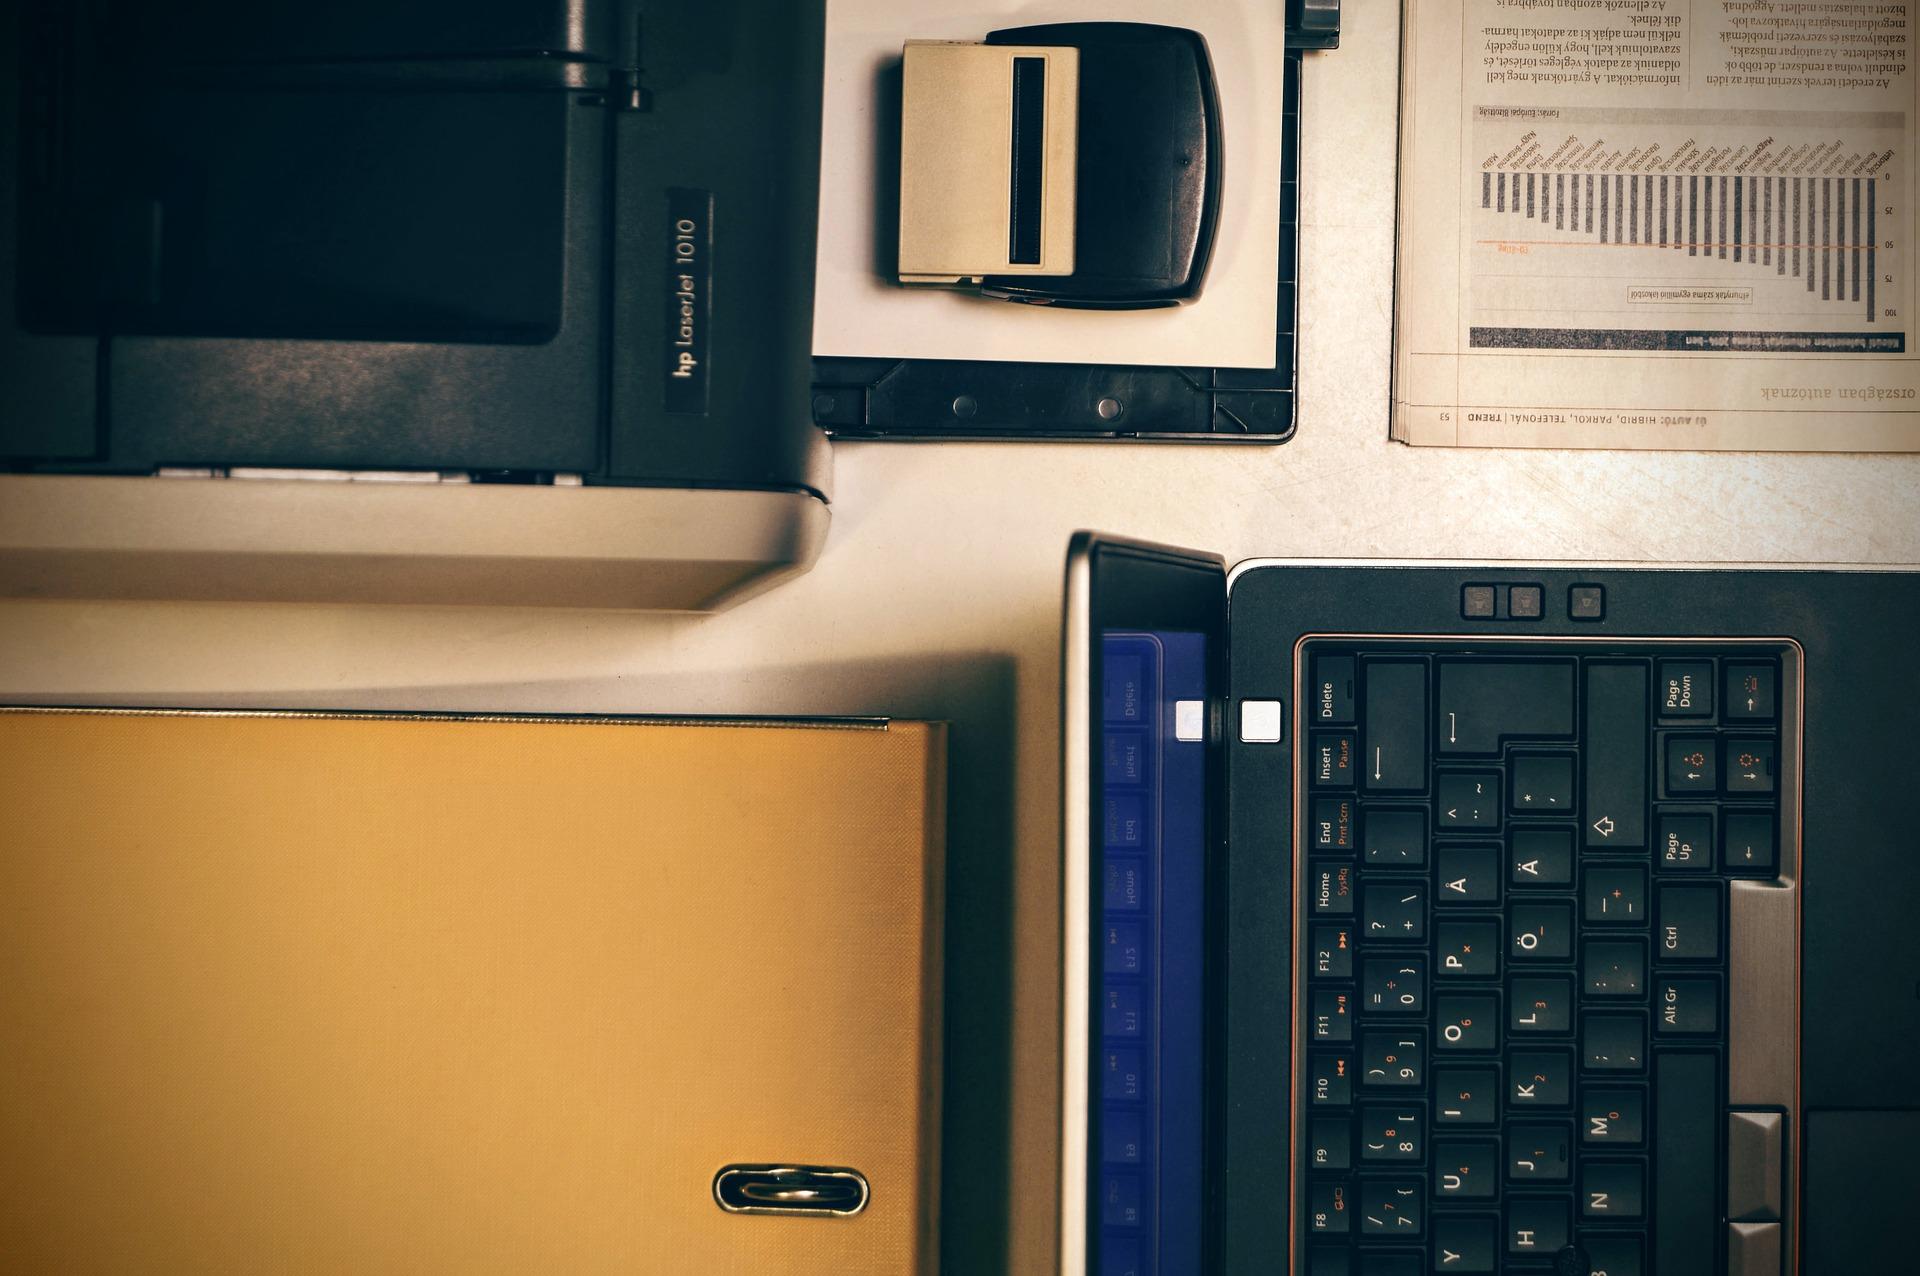 Konserwacja drukarki - jak przedłużyć działanie urządzenia?